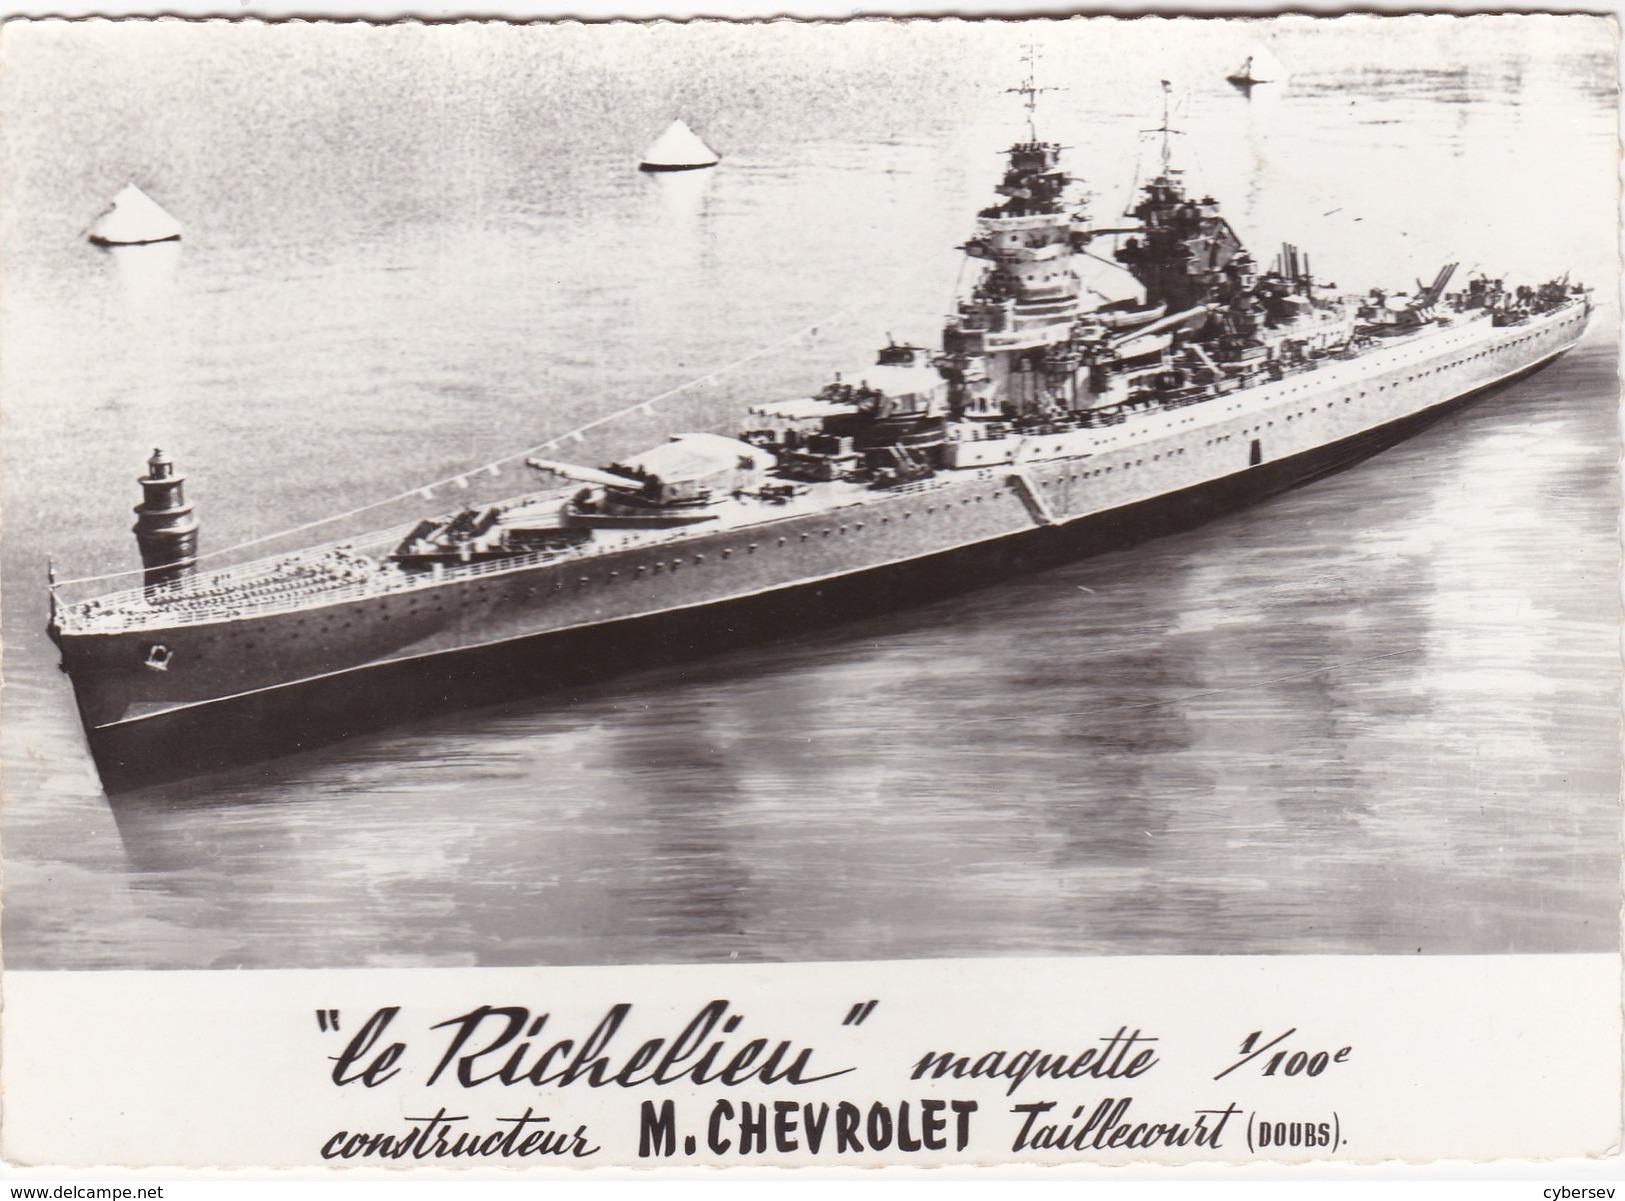 """"""" Le Richelieu """" Maquette 1/100è Constructeur M. CHEVROLET Taillecourt (Doubs) - CPSM GF - Boten"""